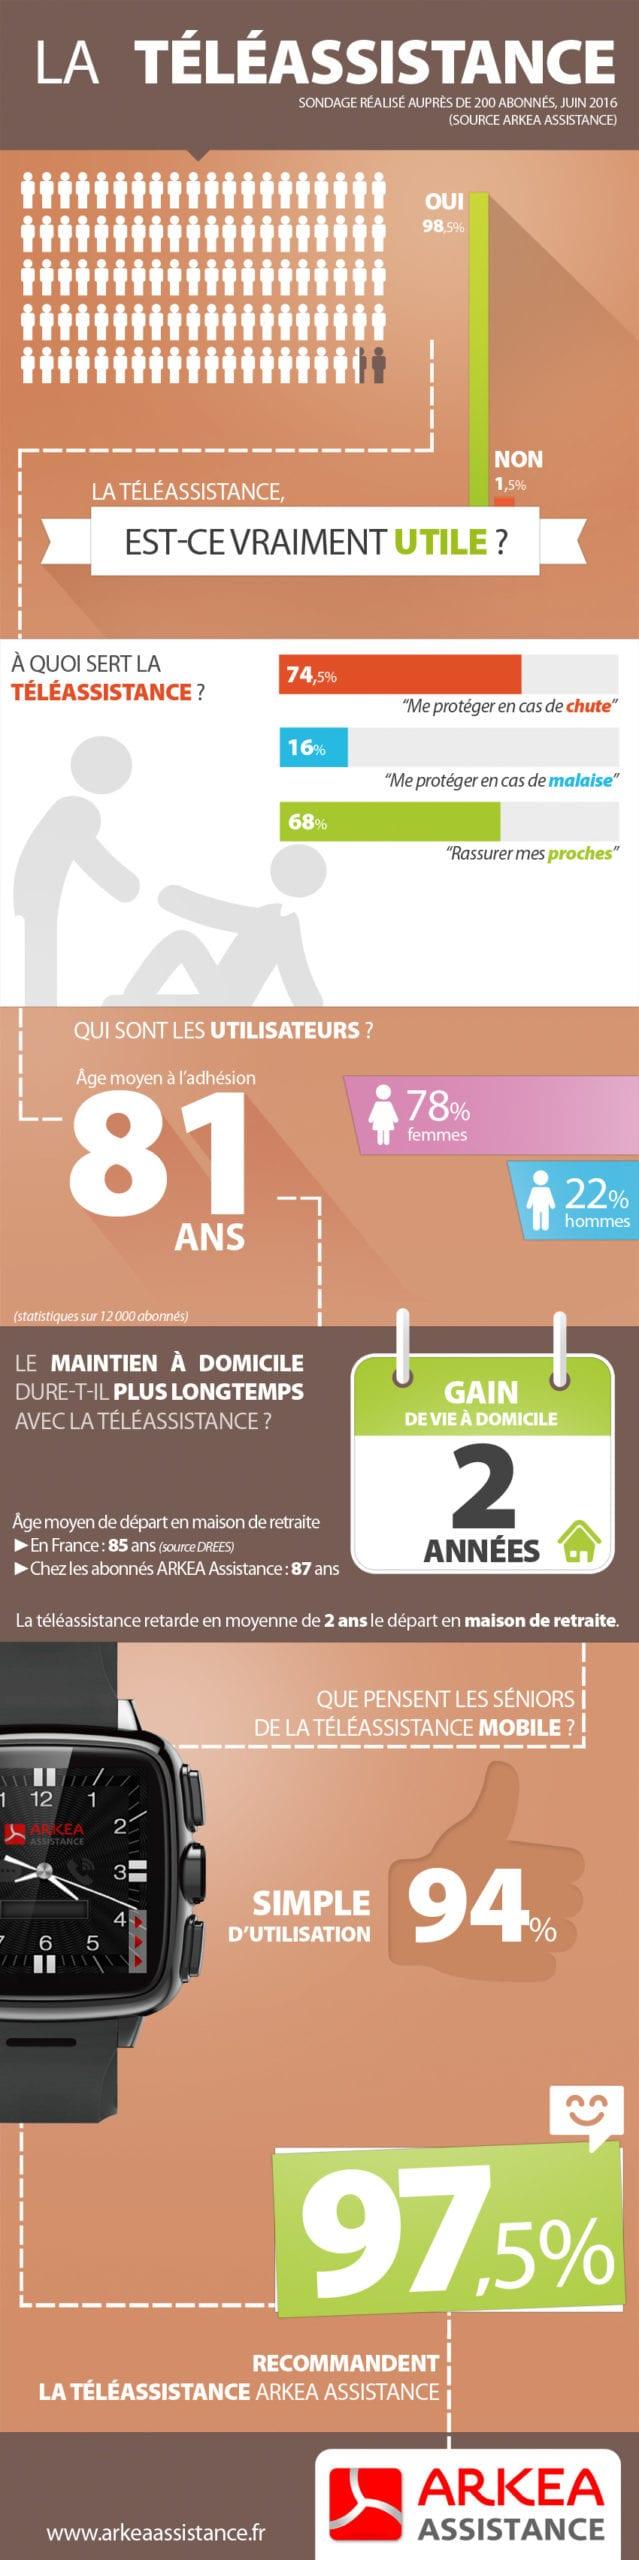 Infographie téléassistance Arkea assistance